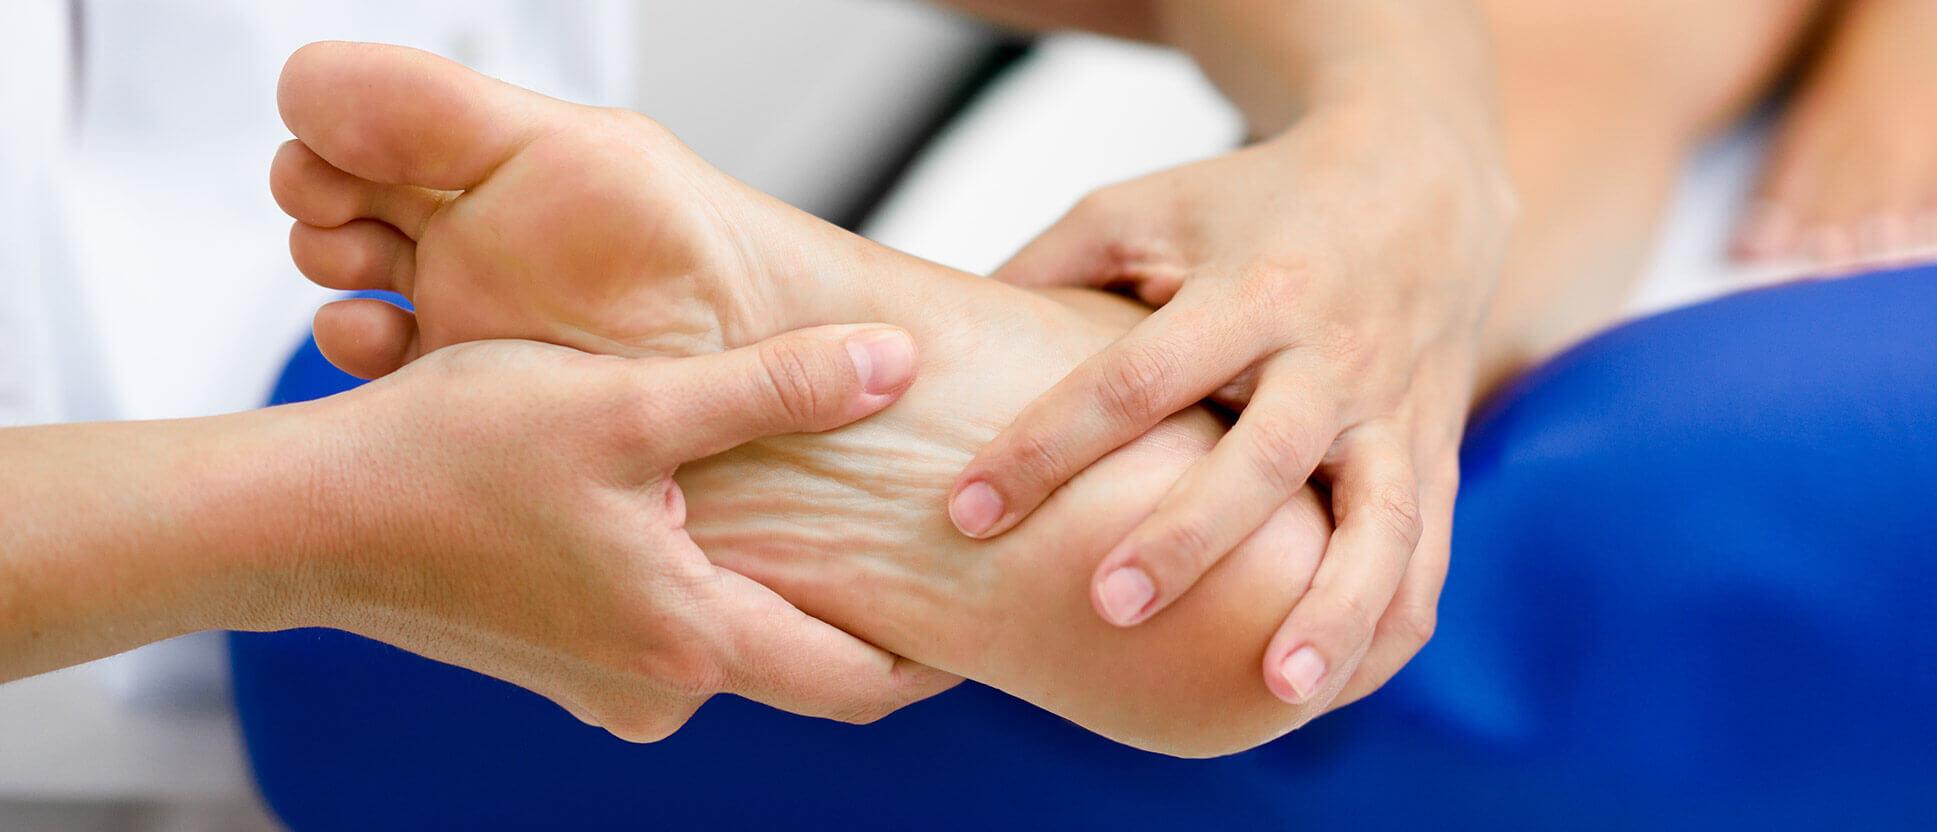 Fußreflexzonenmassage bei unruhigen Beinen